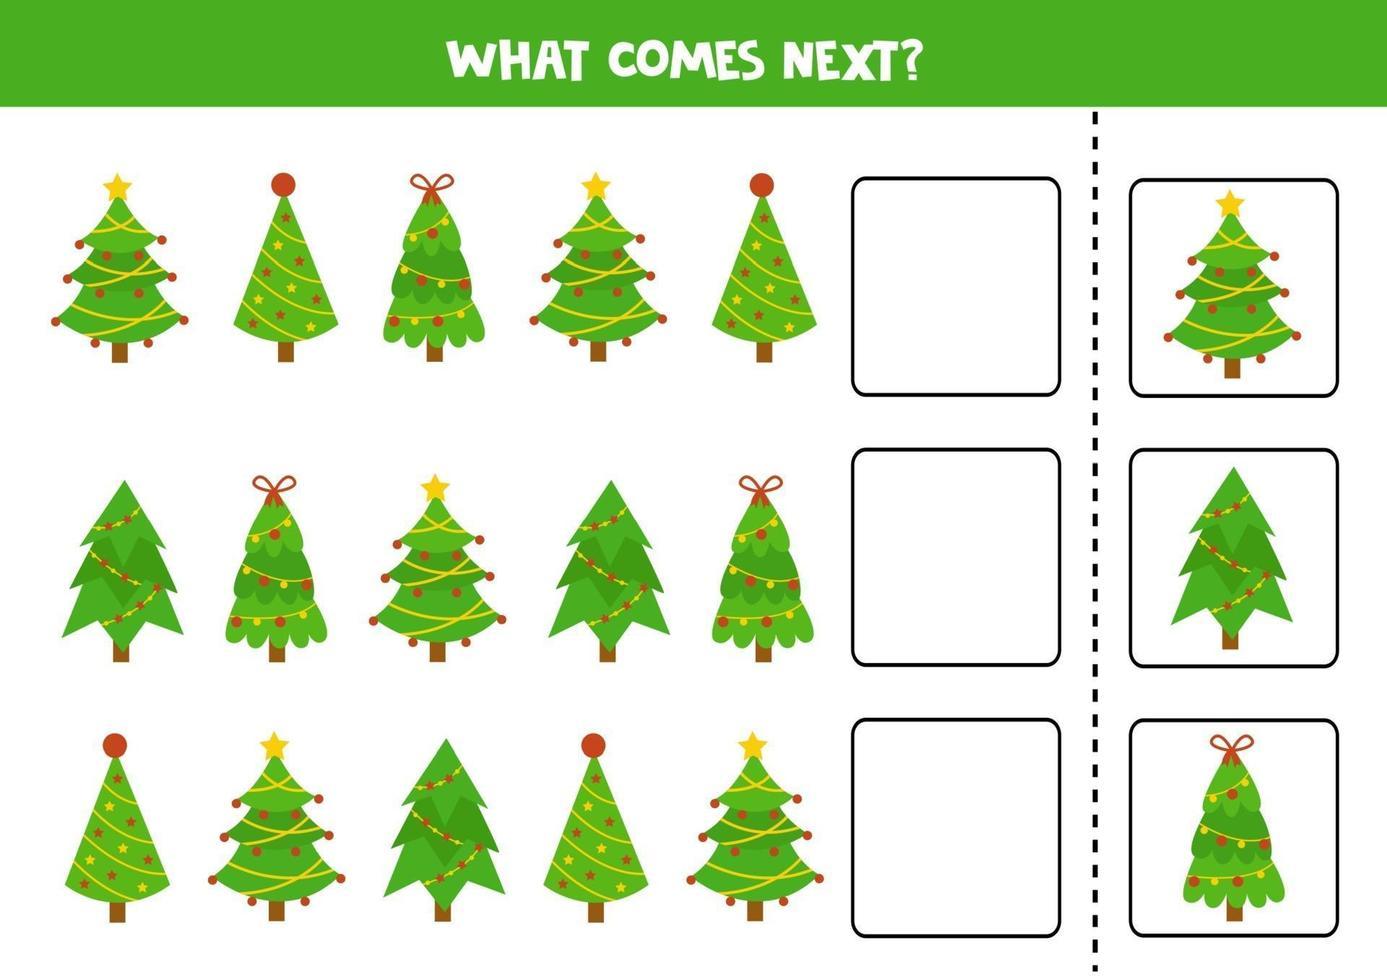 vad kommer därefter med tecknade julgranar. vektor